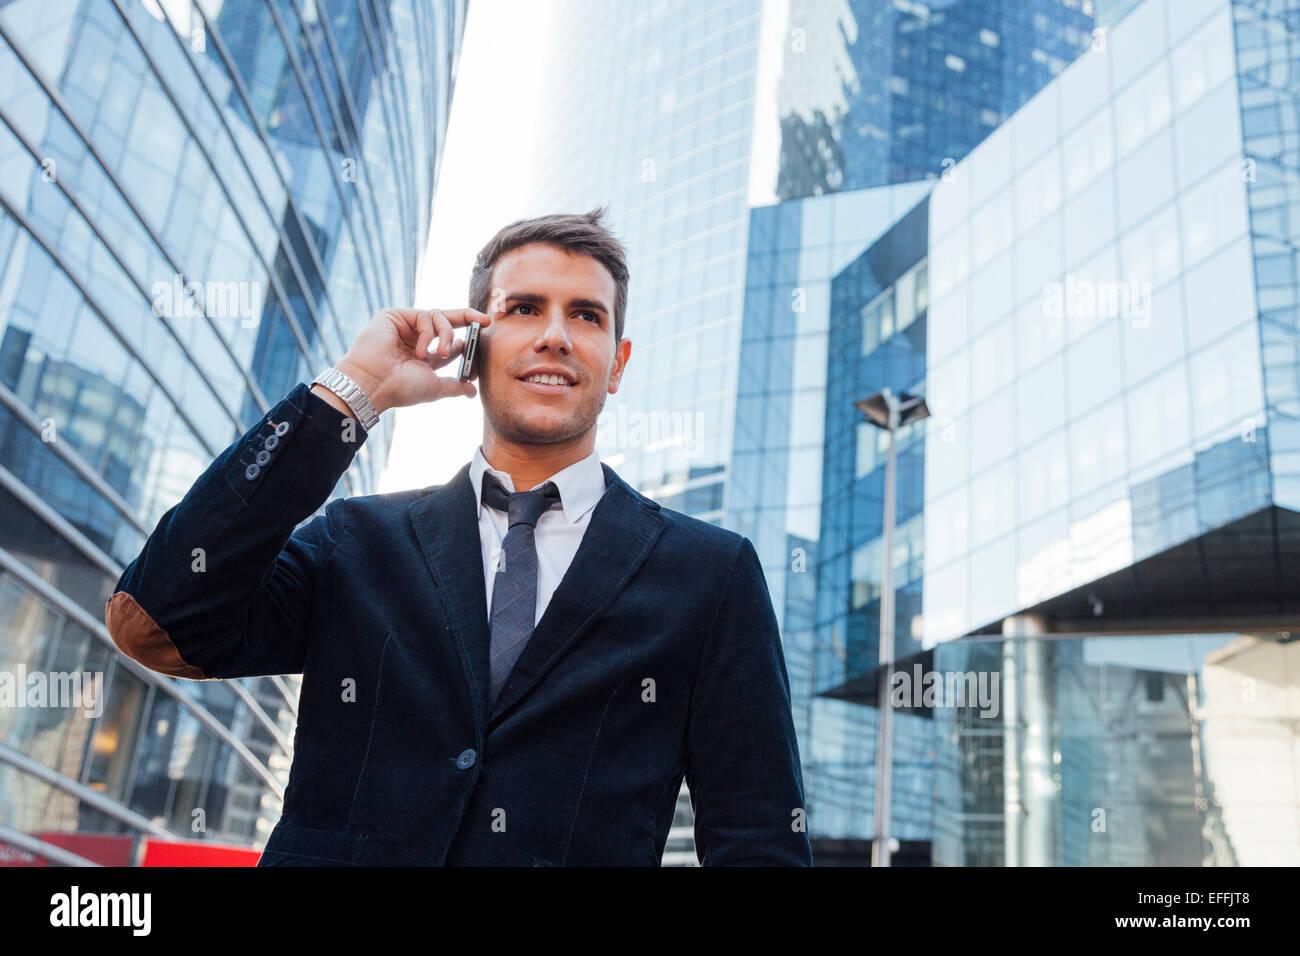 Empresario utilizando un teléfono móvil Imagen De Stock